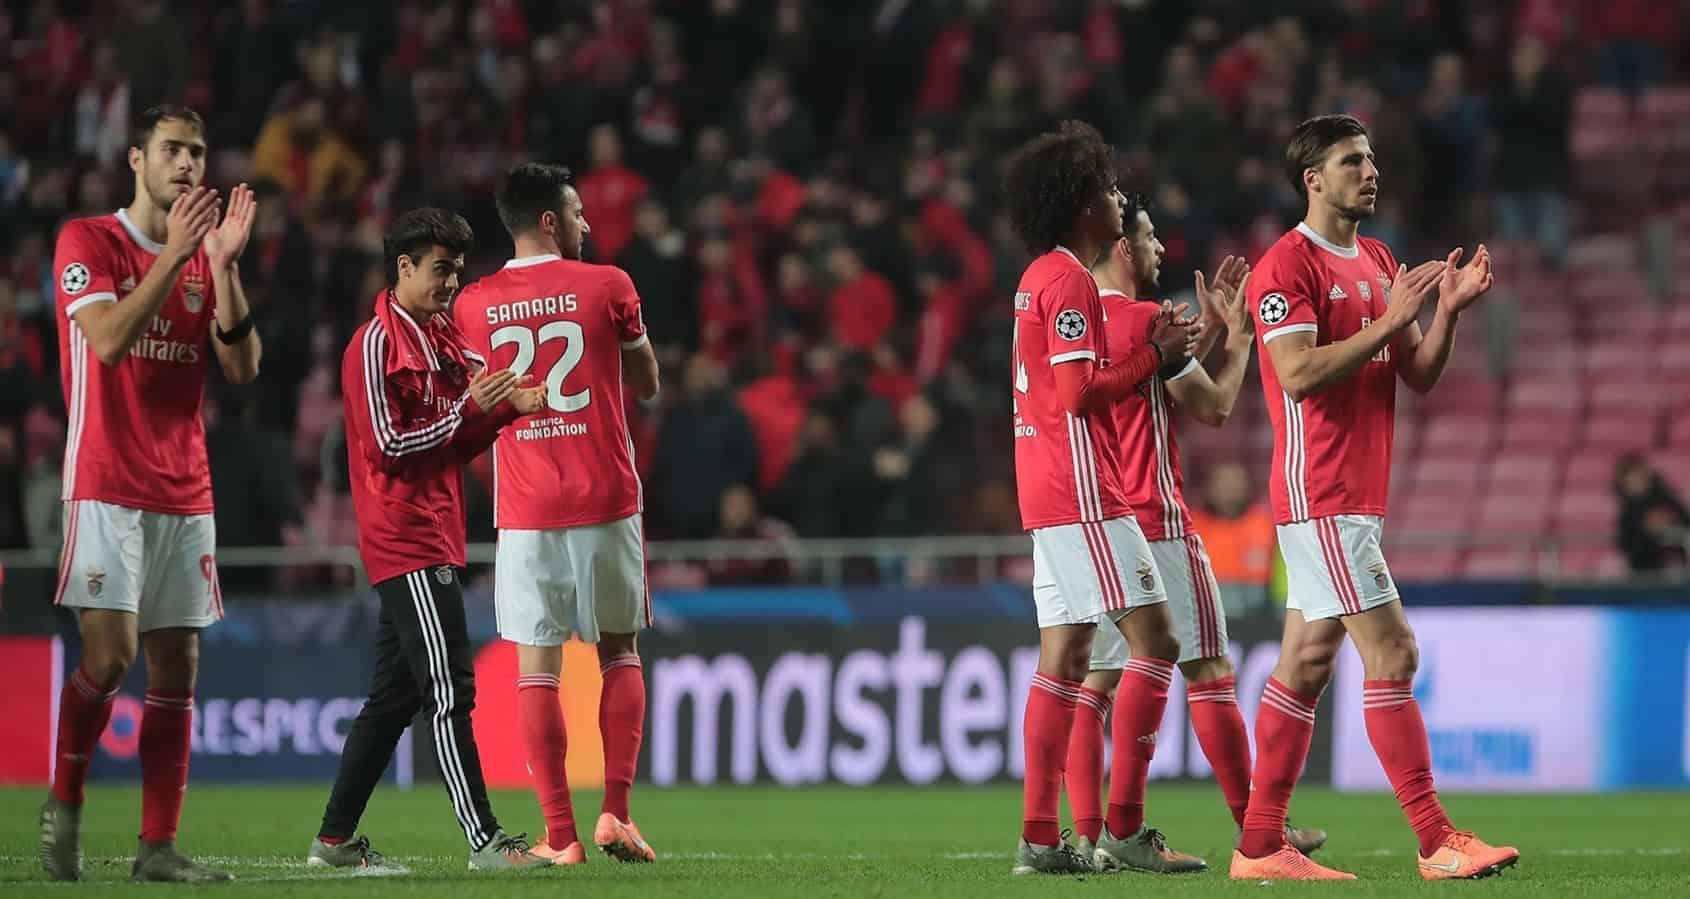 Fotbollsresor, Benfica Biljetter, Portugal, Primeira Liga